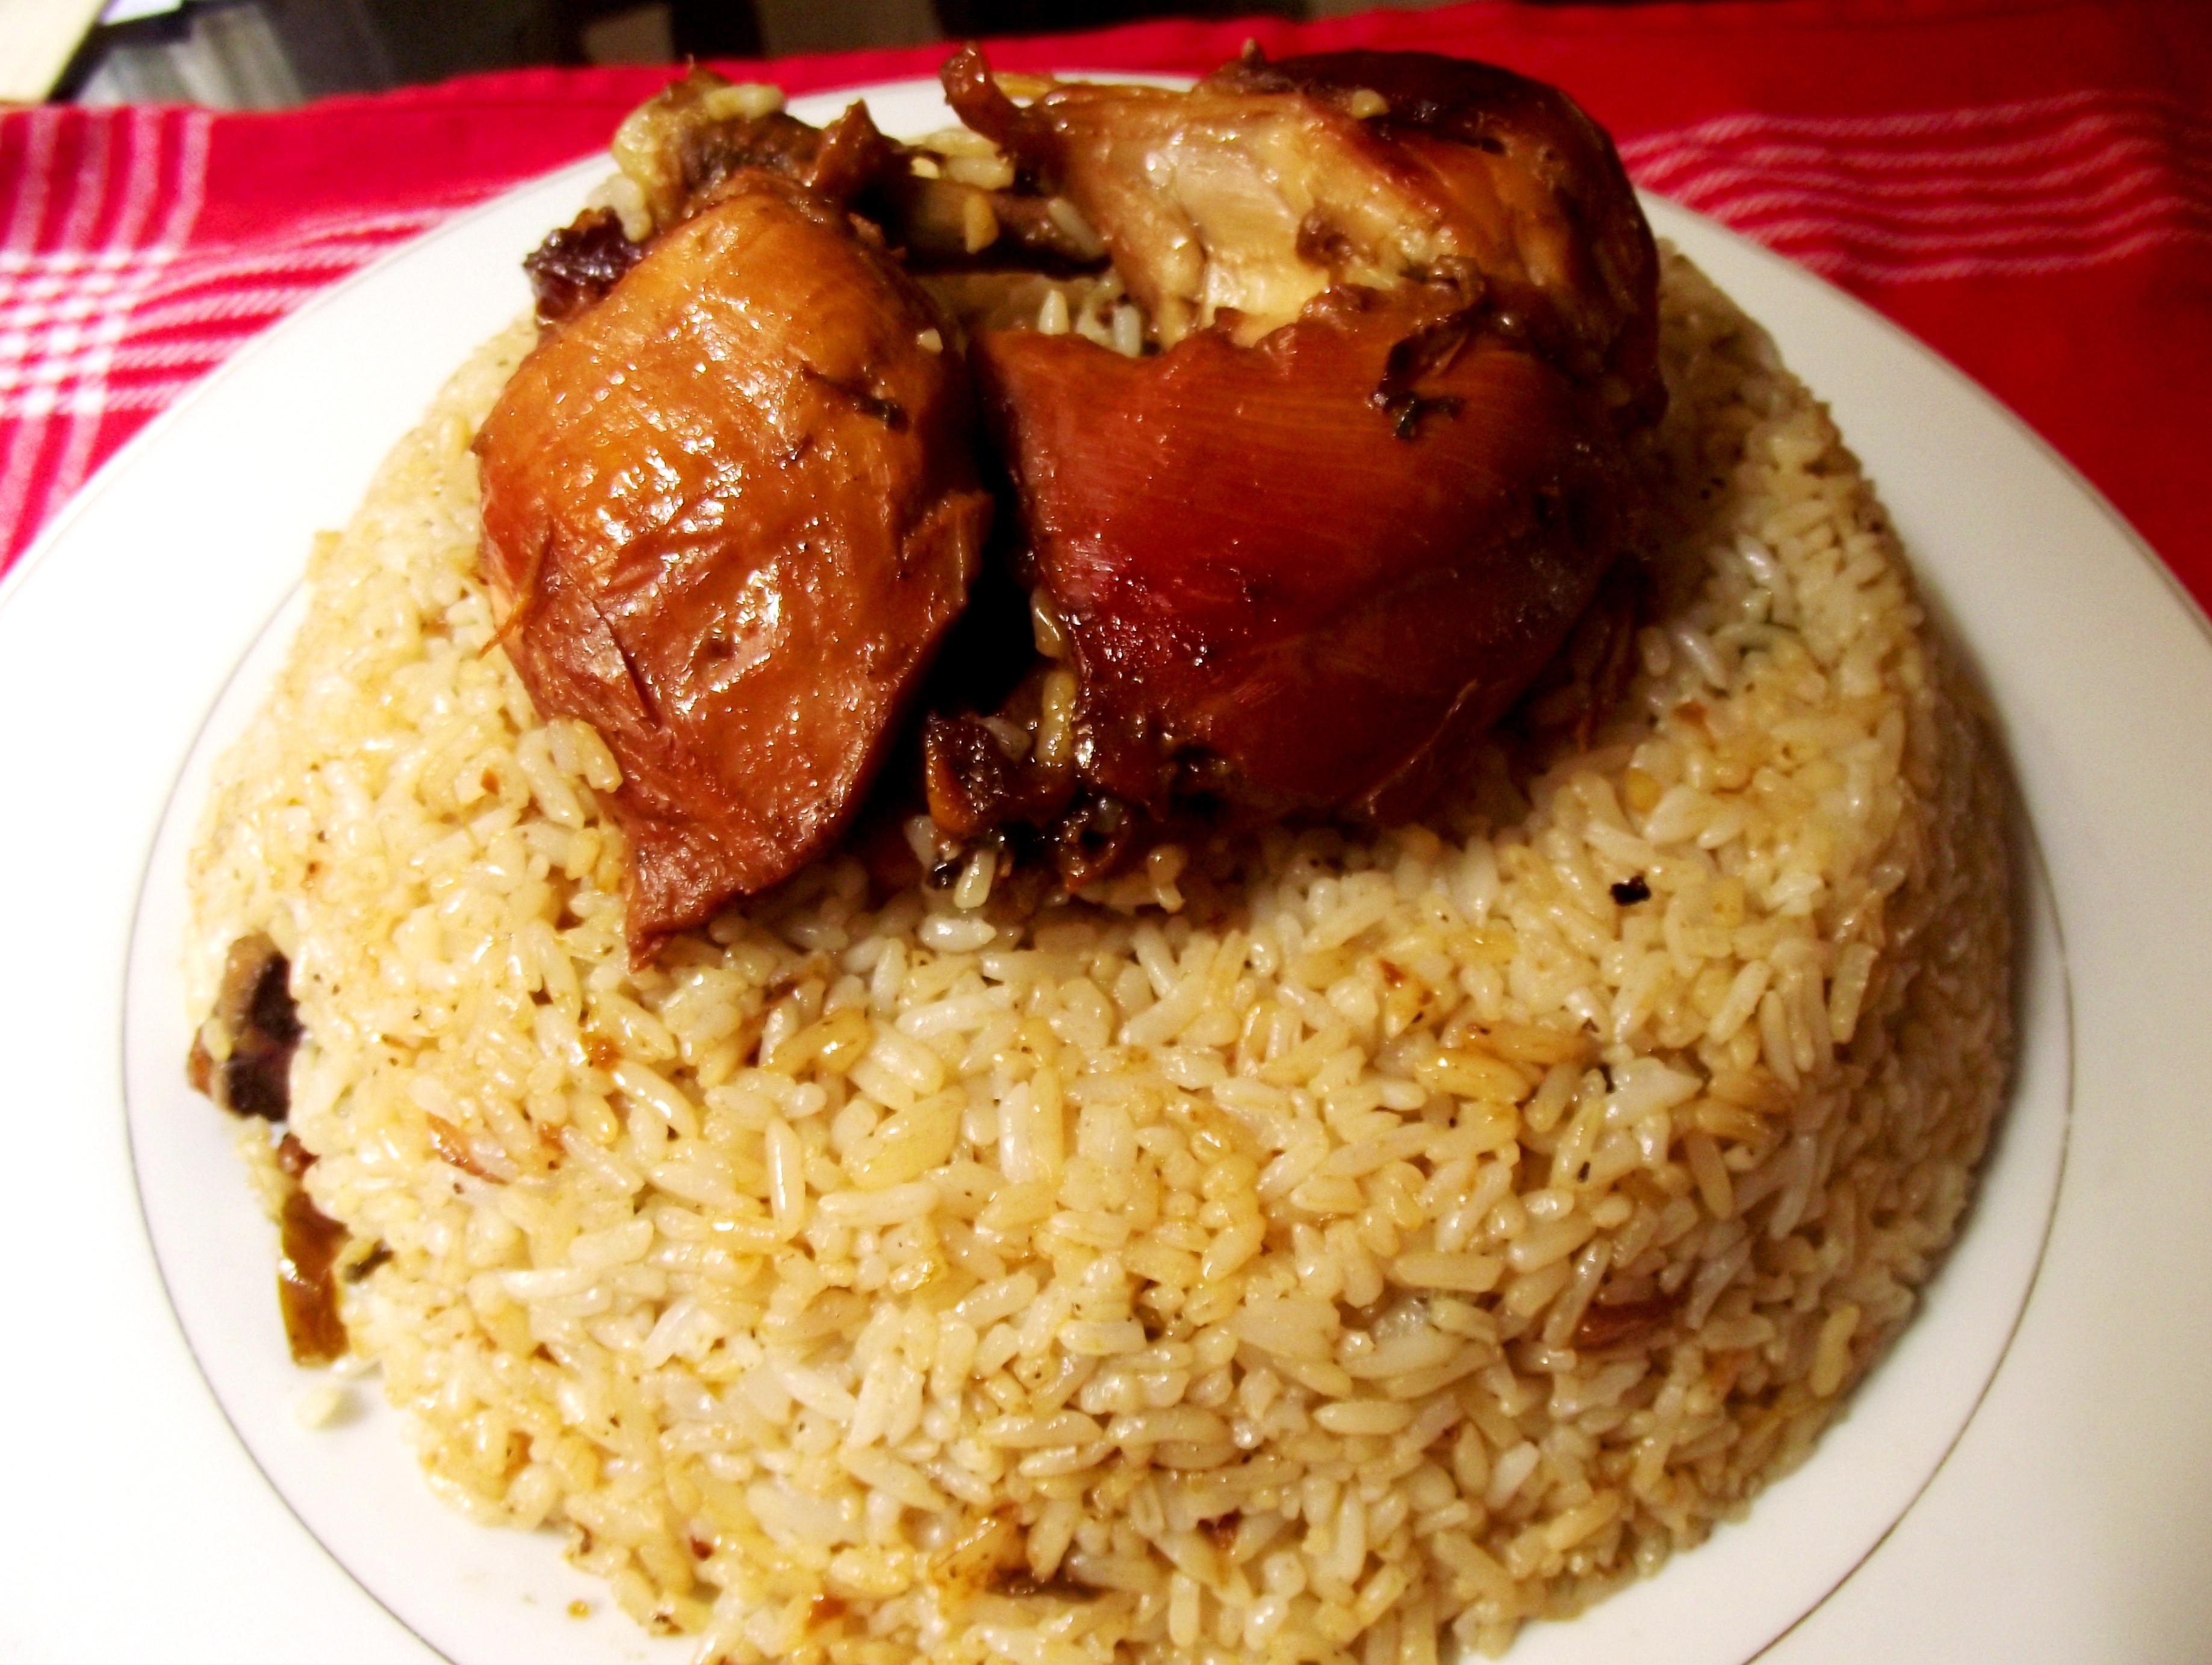 Receta de arroz con pollo dominicanoDominican Arroz Con Pollo